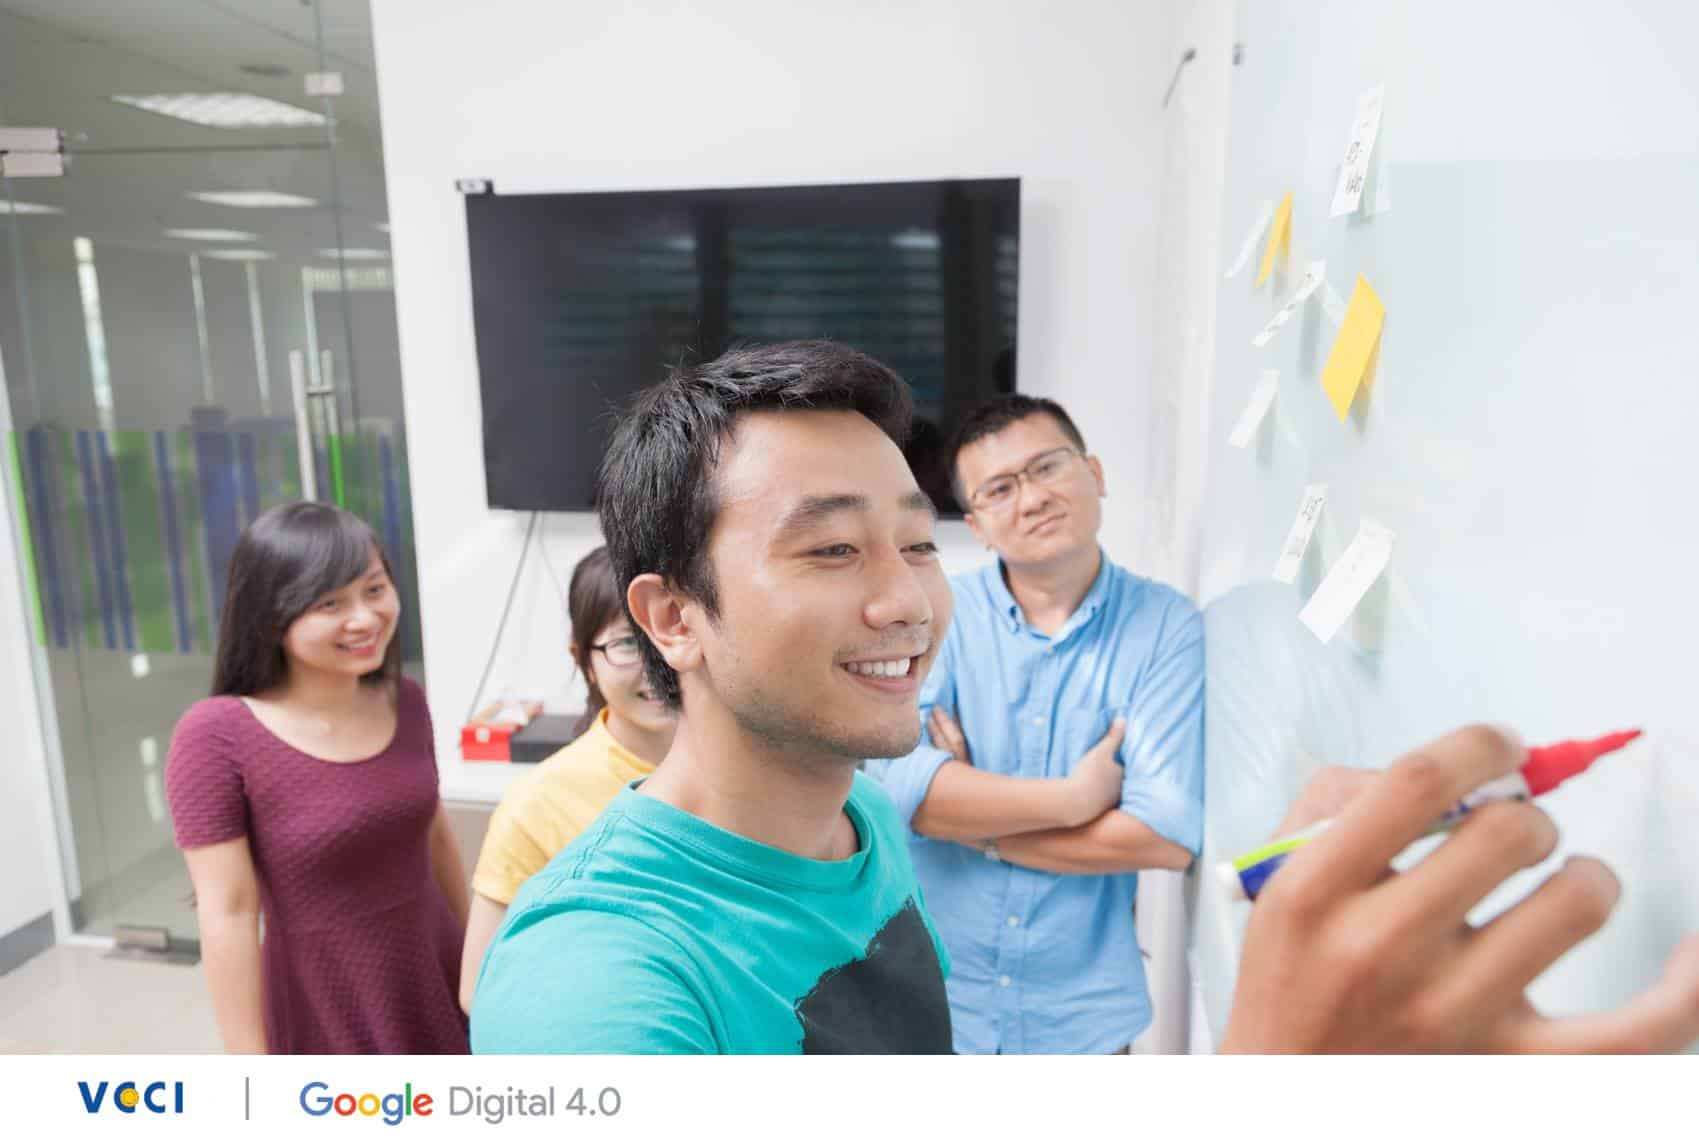 12 - Giới thiệu khóa học Digital 4.0 do Google và VCCI tổ chức tại Việt Nam